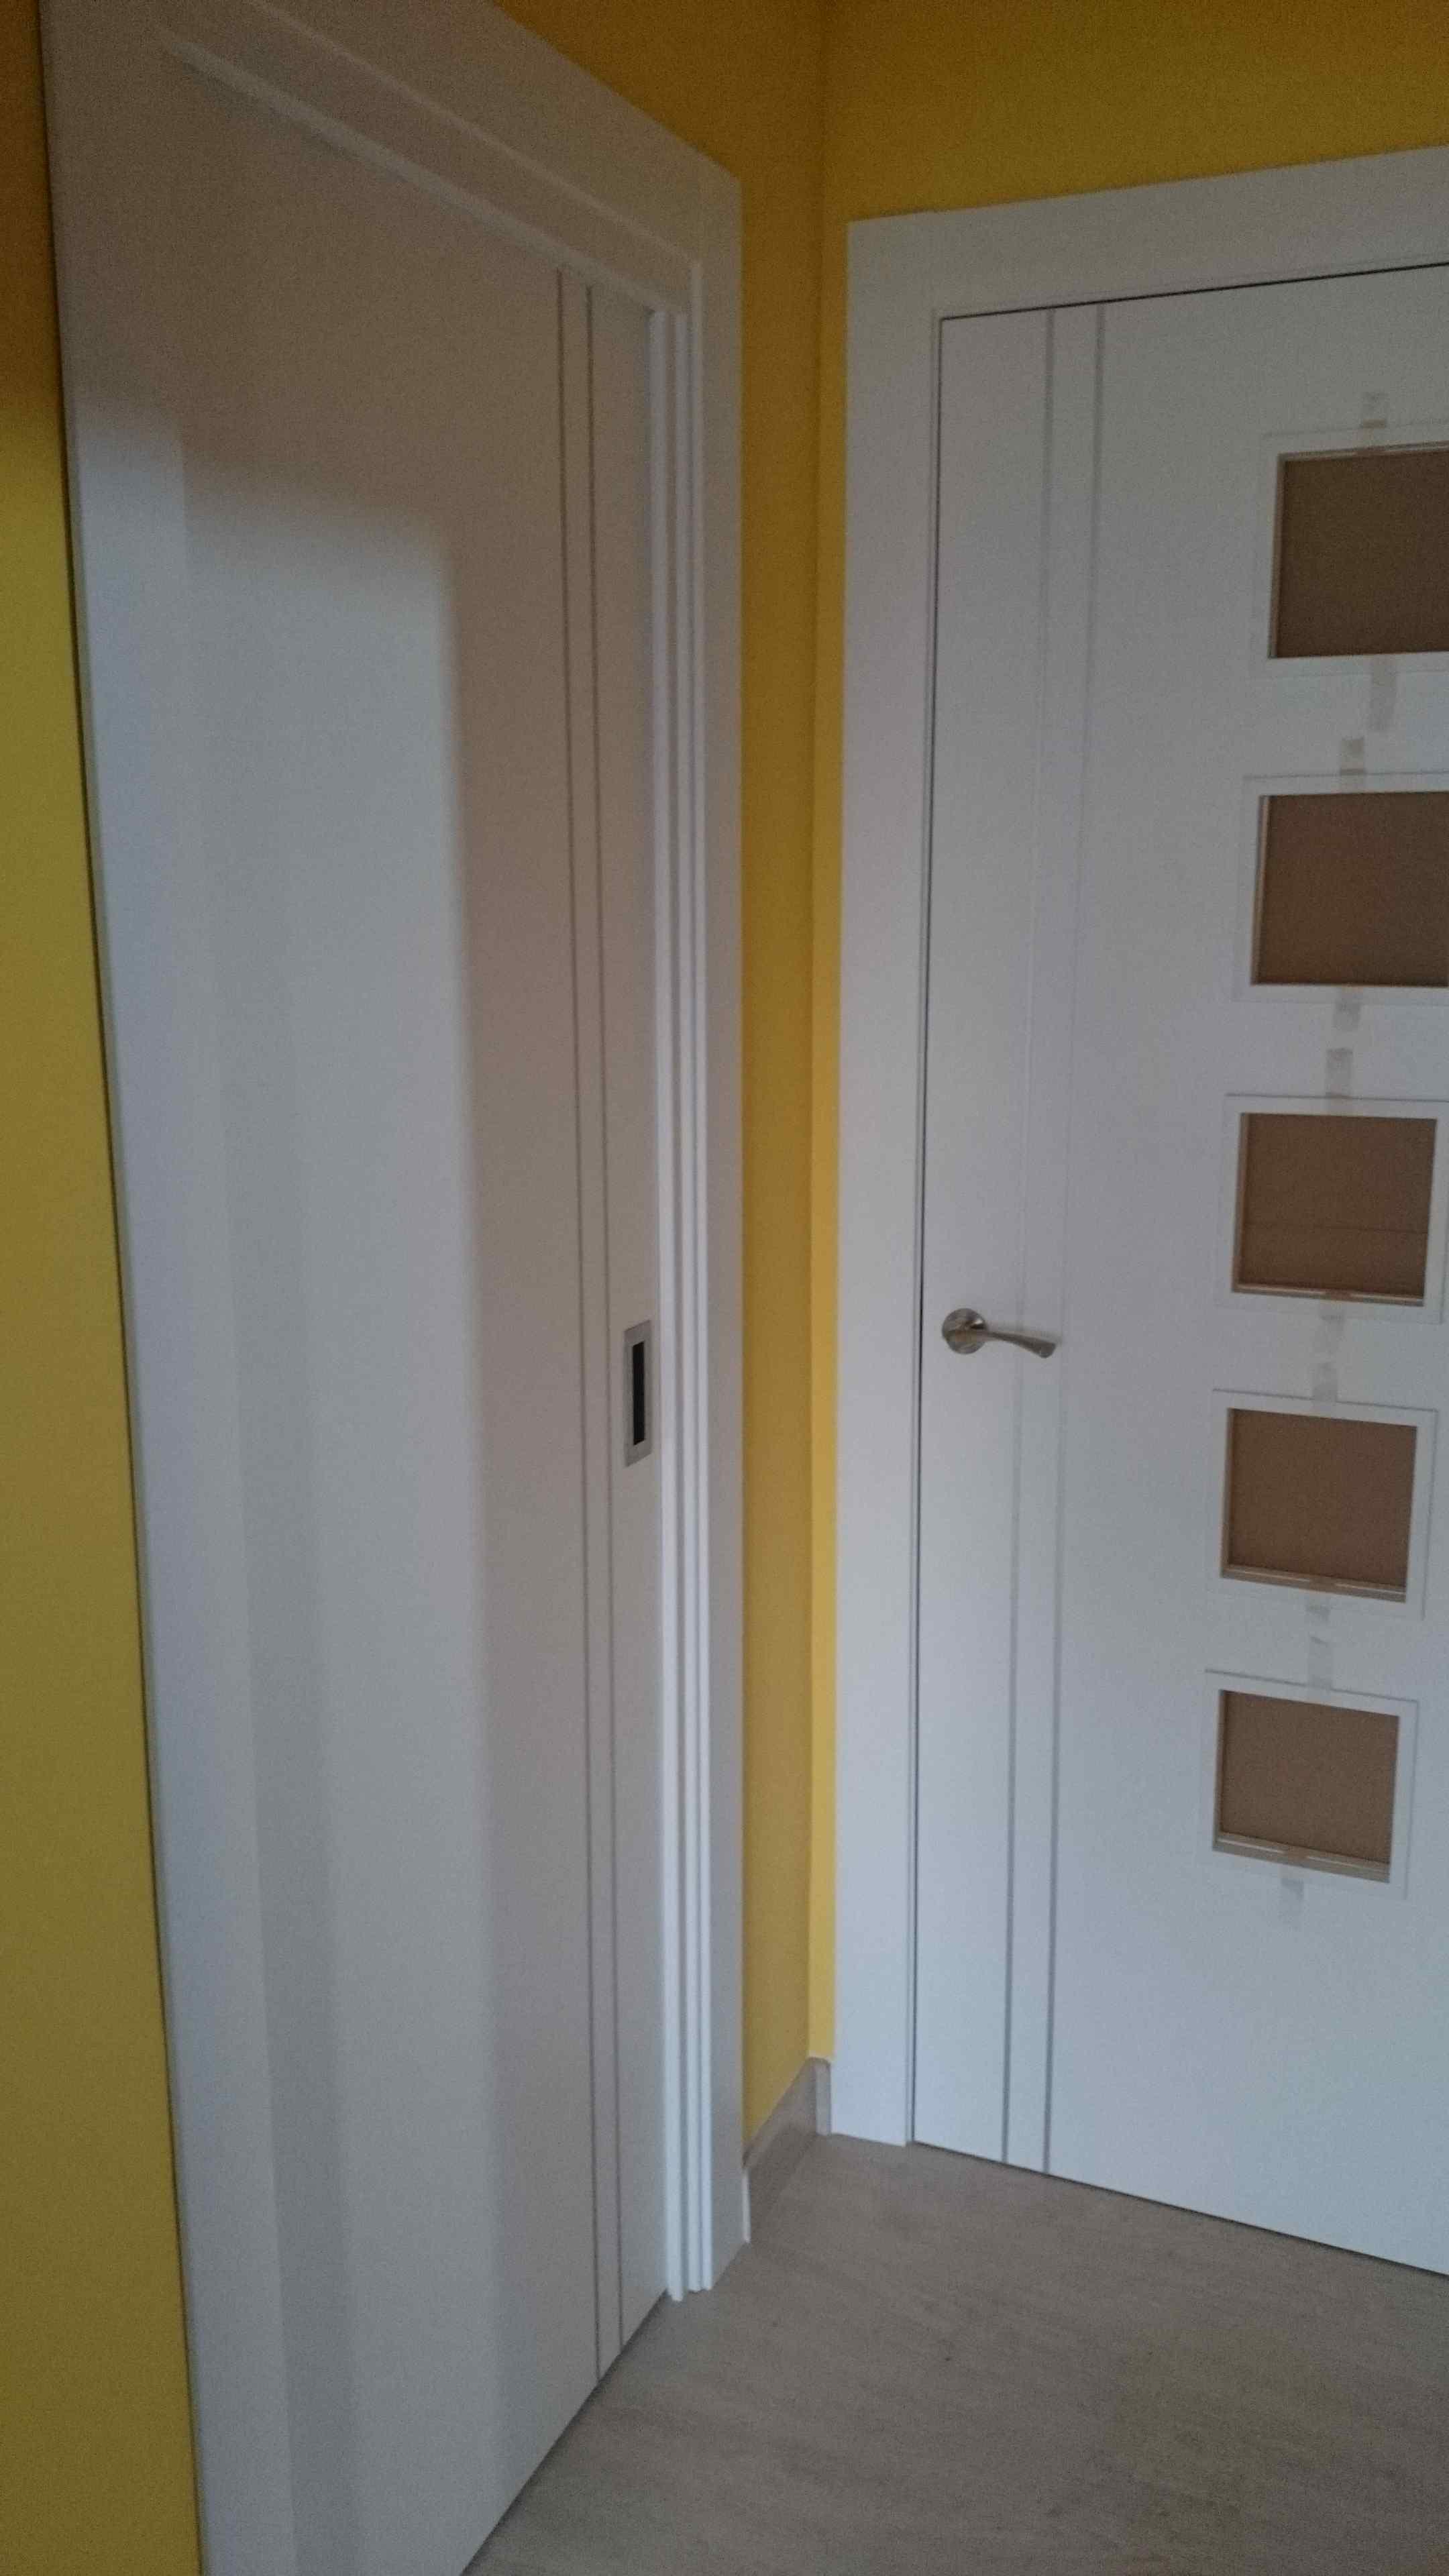 Carpinter a familia murcia puertas lacadas blancas con - Carpinteria de aluminio en murcia ...